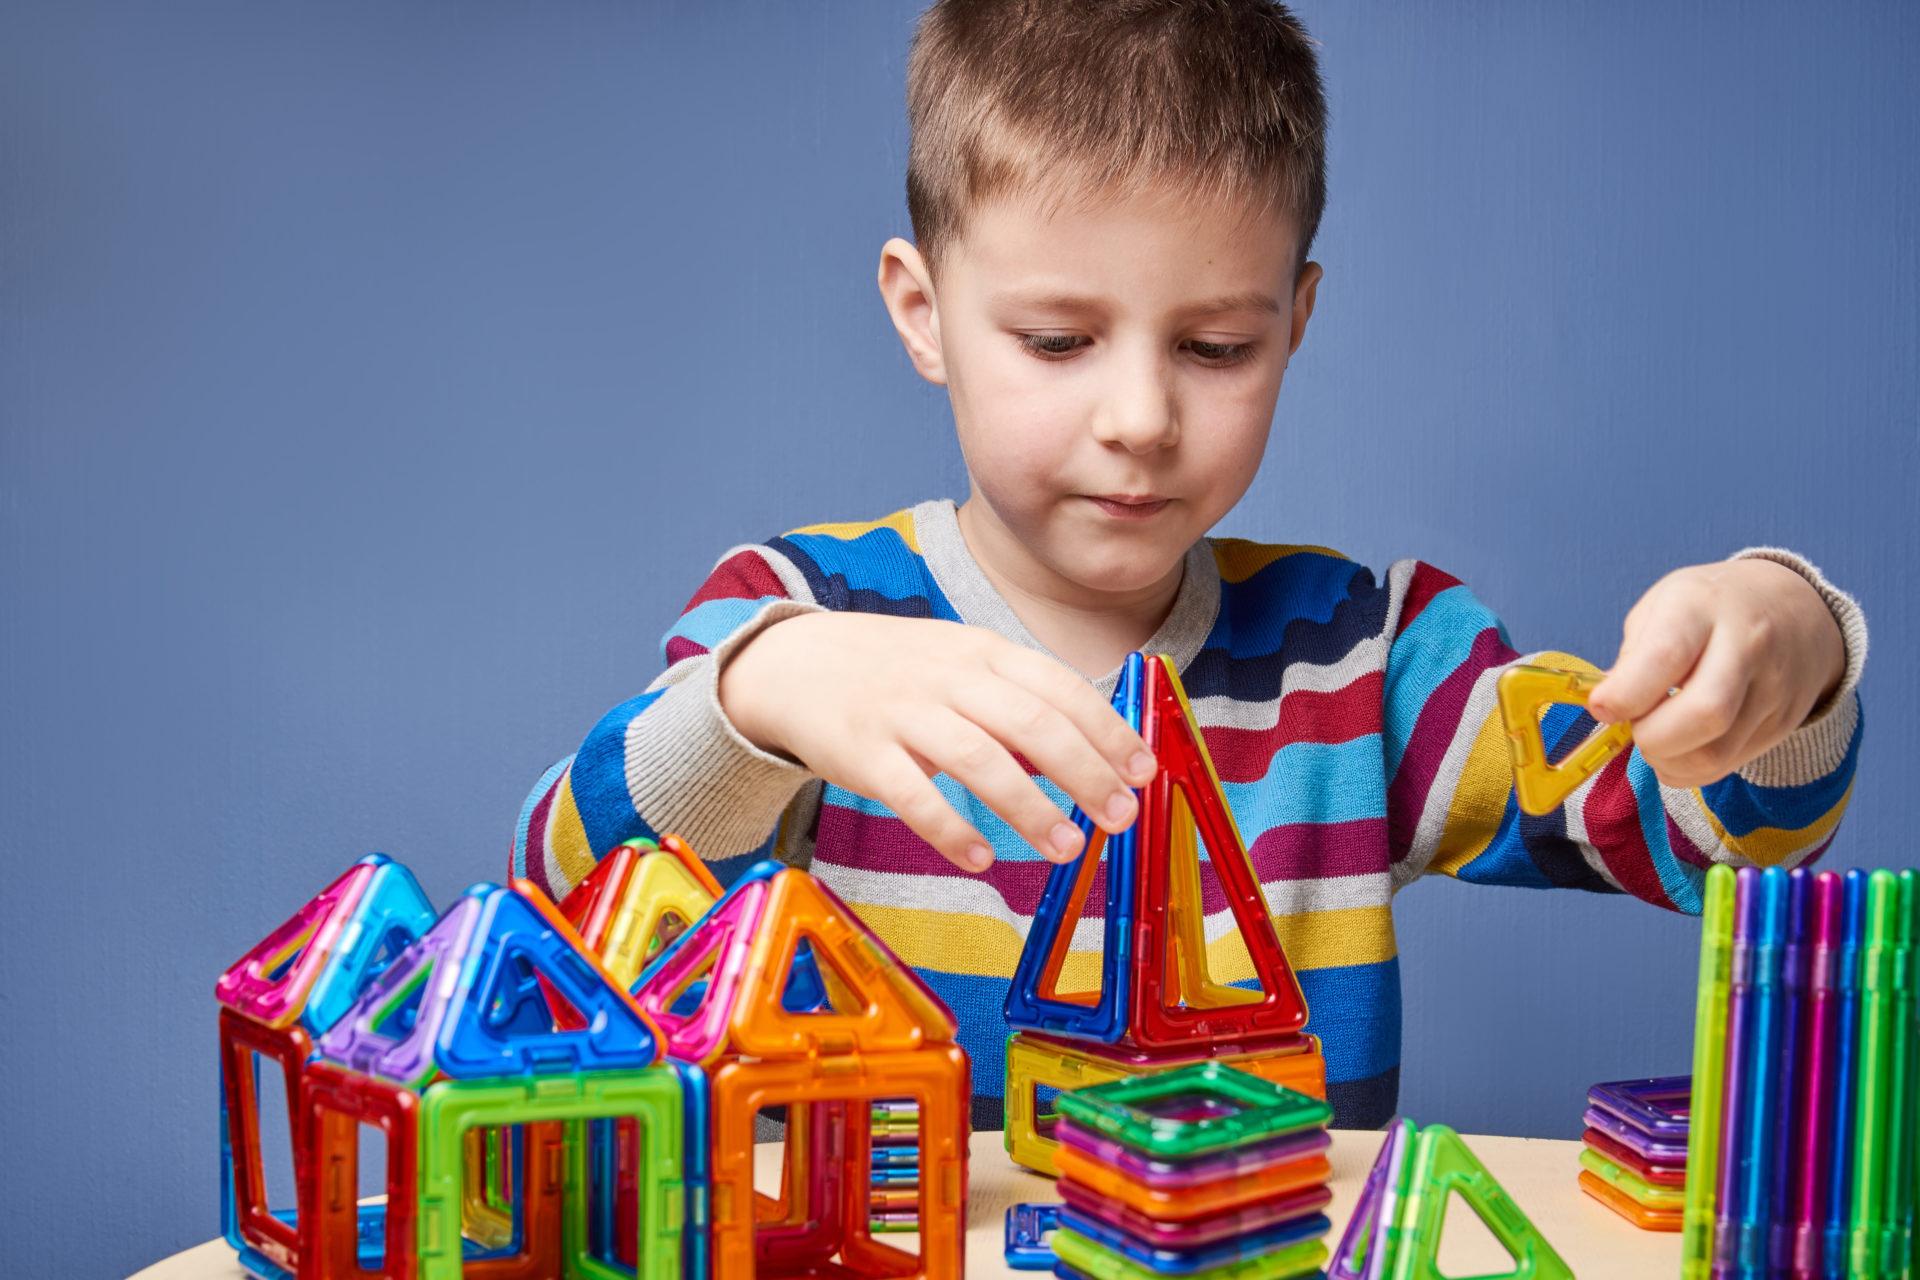 Idées Cadeau Anniversaire Garçon De 6 Ans, 7 Ans, 8 Ans, 9 destiné Jouet Pour Garçon De 4 Ans